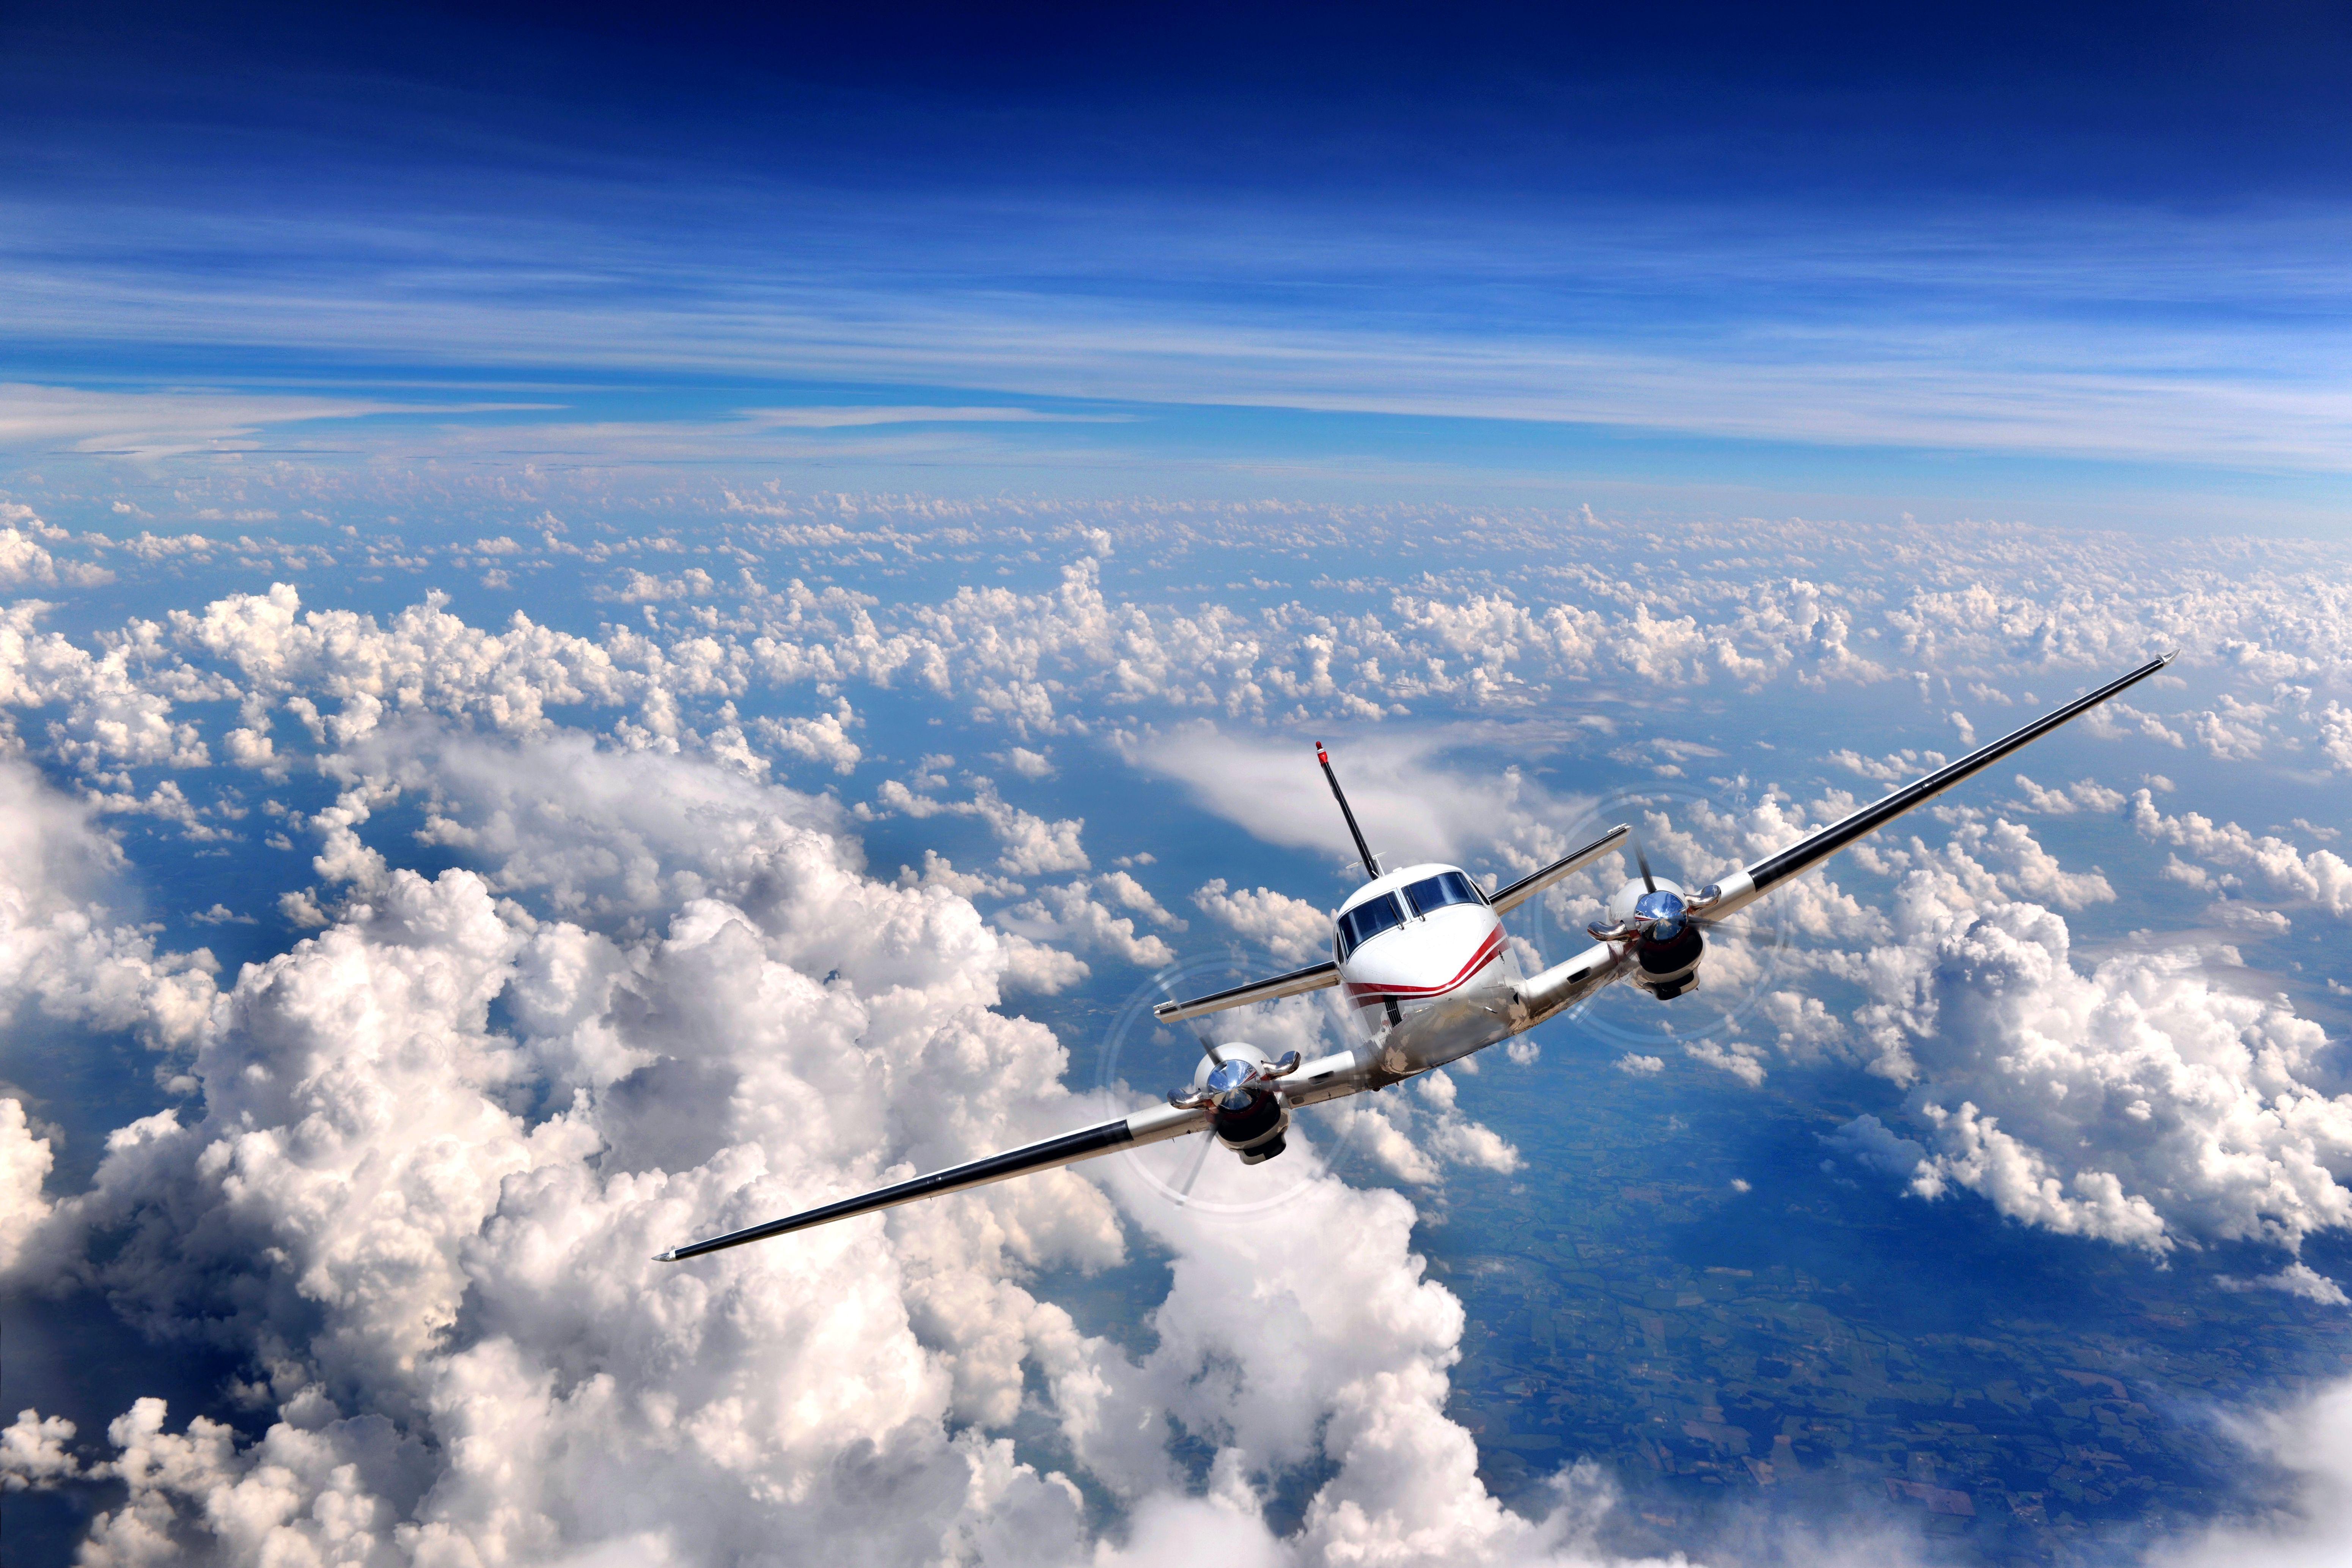 飞机 5k Retina Ultra 高清壁纸 桌面背景 6200x4133 Id 371683